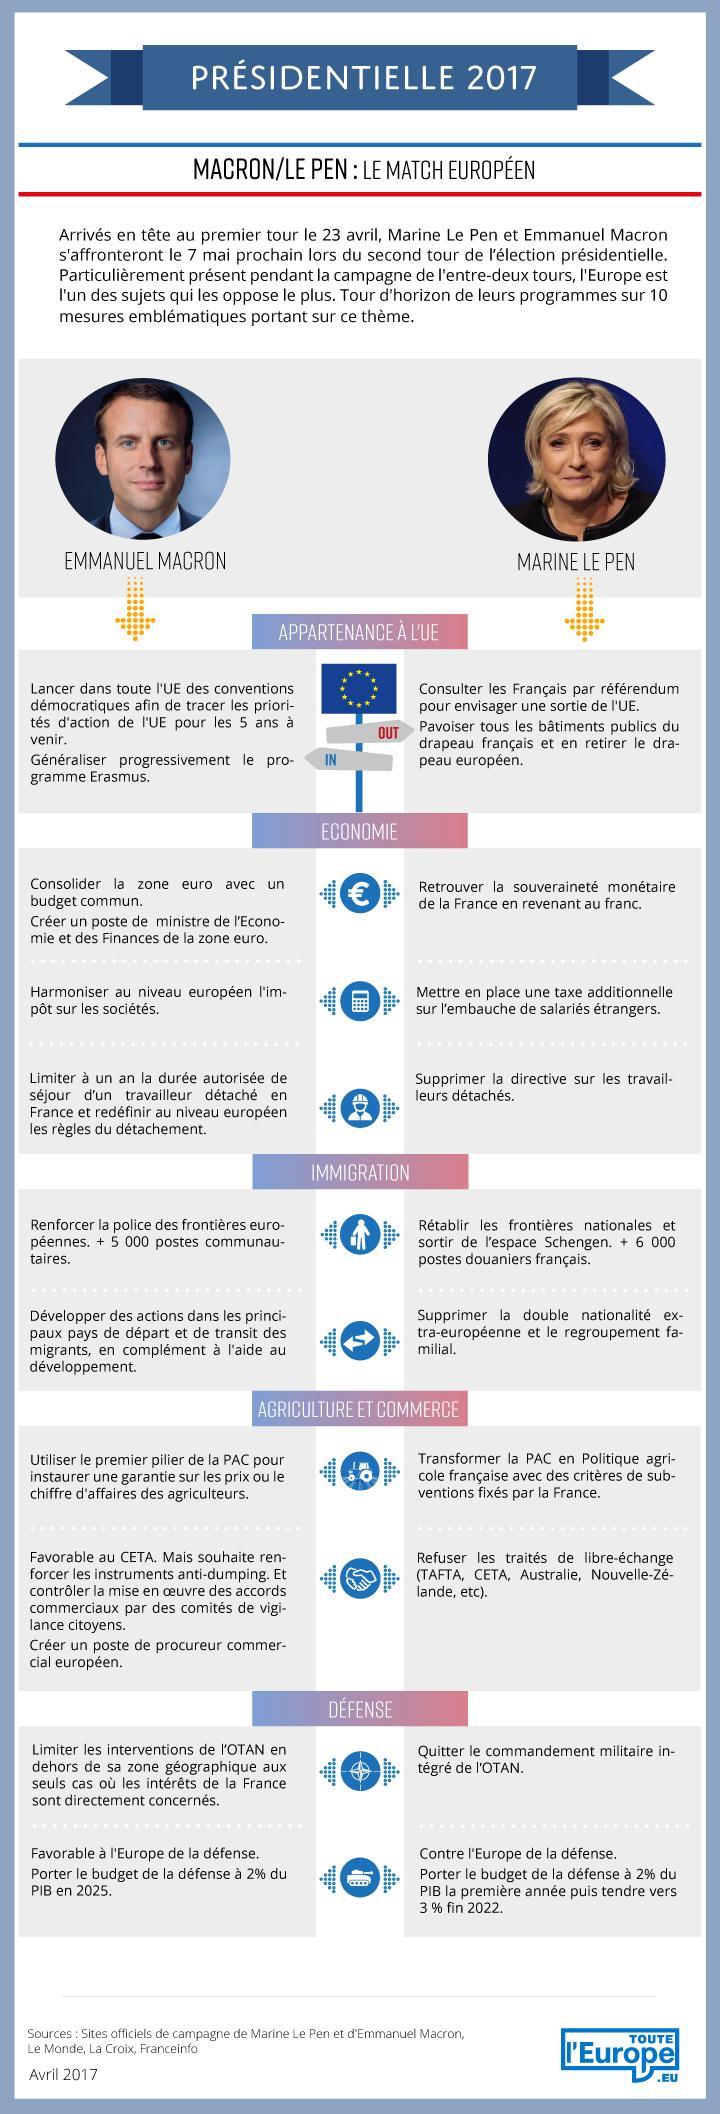 Datavisualisation : Macron/Le Pen, le match européen